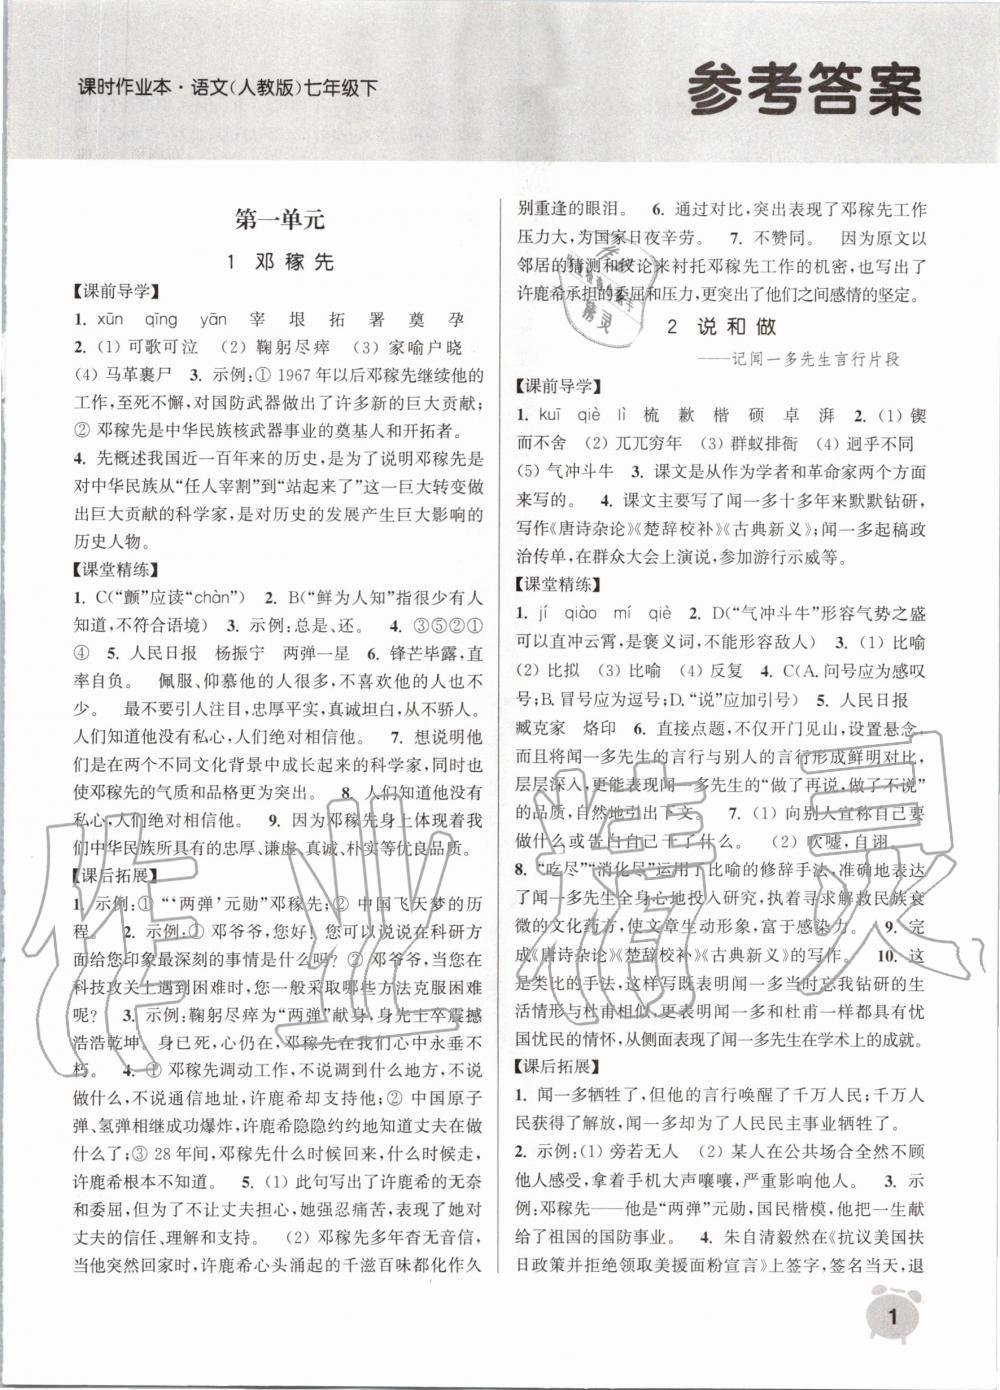 2020年通城学典课时作业本七年级语文下册人教版第1页